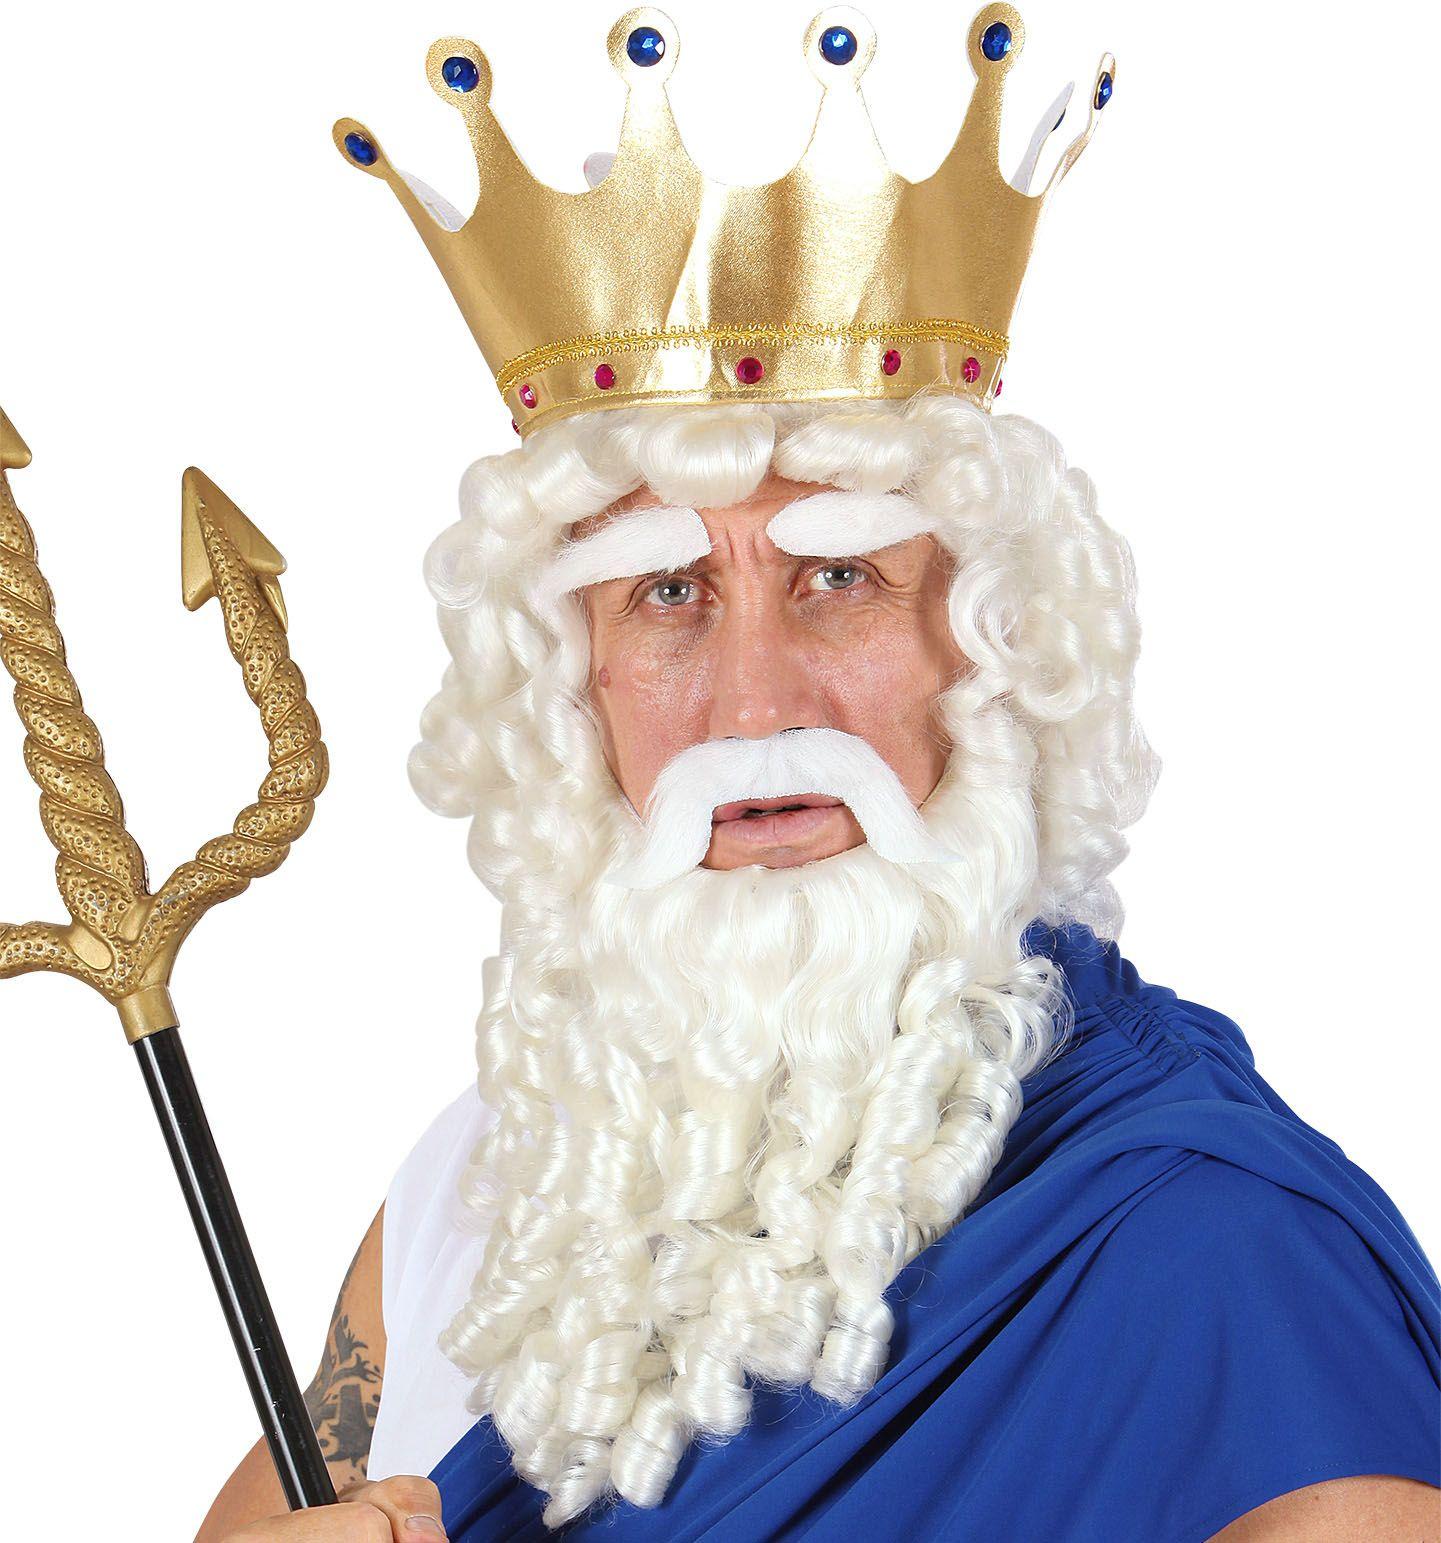 Griekse god Zeus pruik